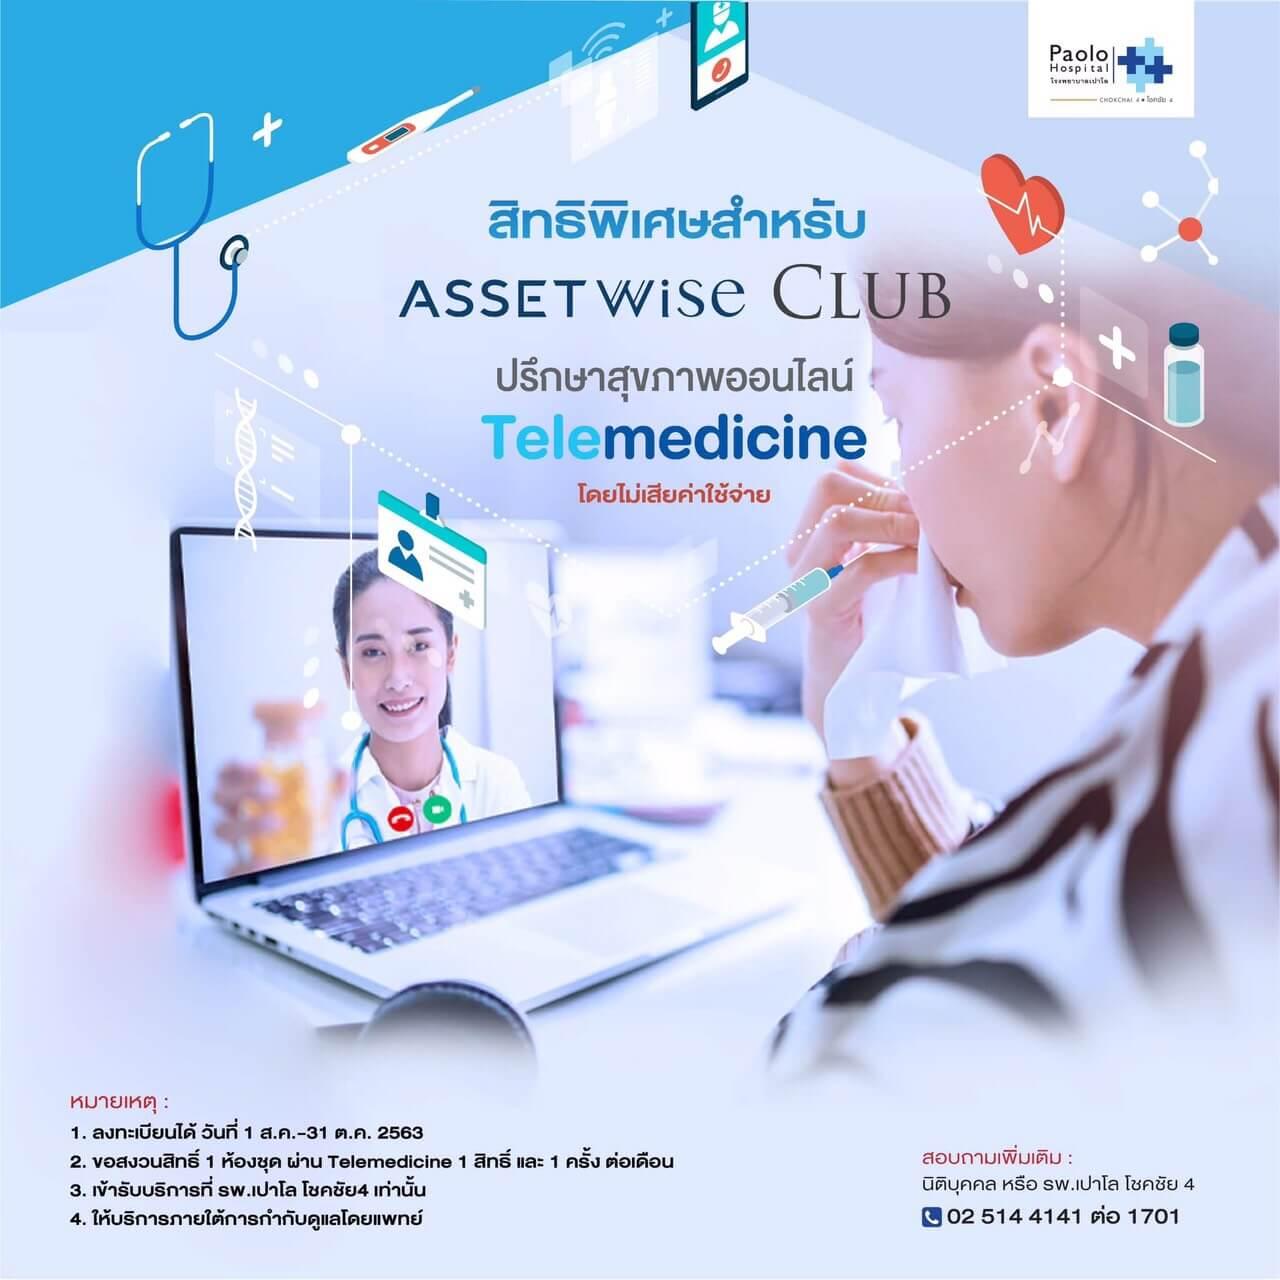 ปรึกษาสุขภาพออนไลน์ Telemedicine (ไม่เสียค่าใช้จ่าย)